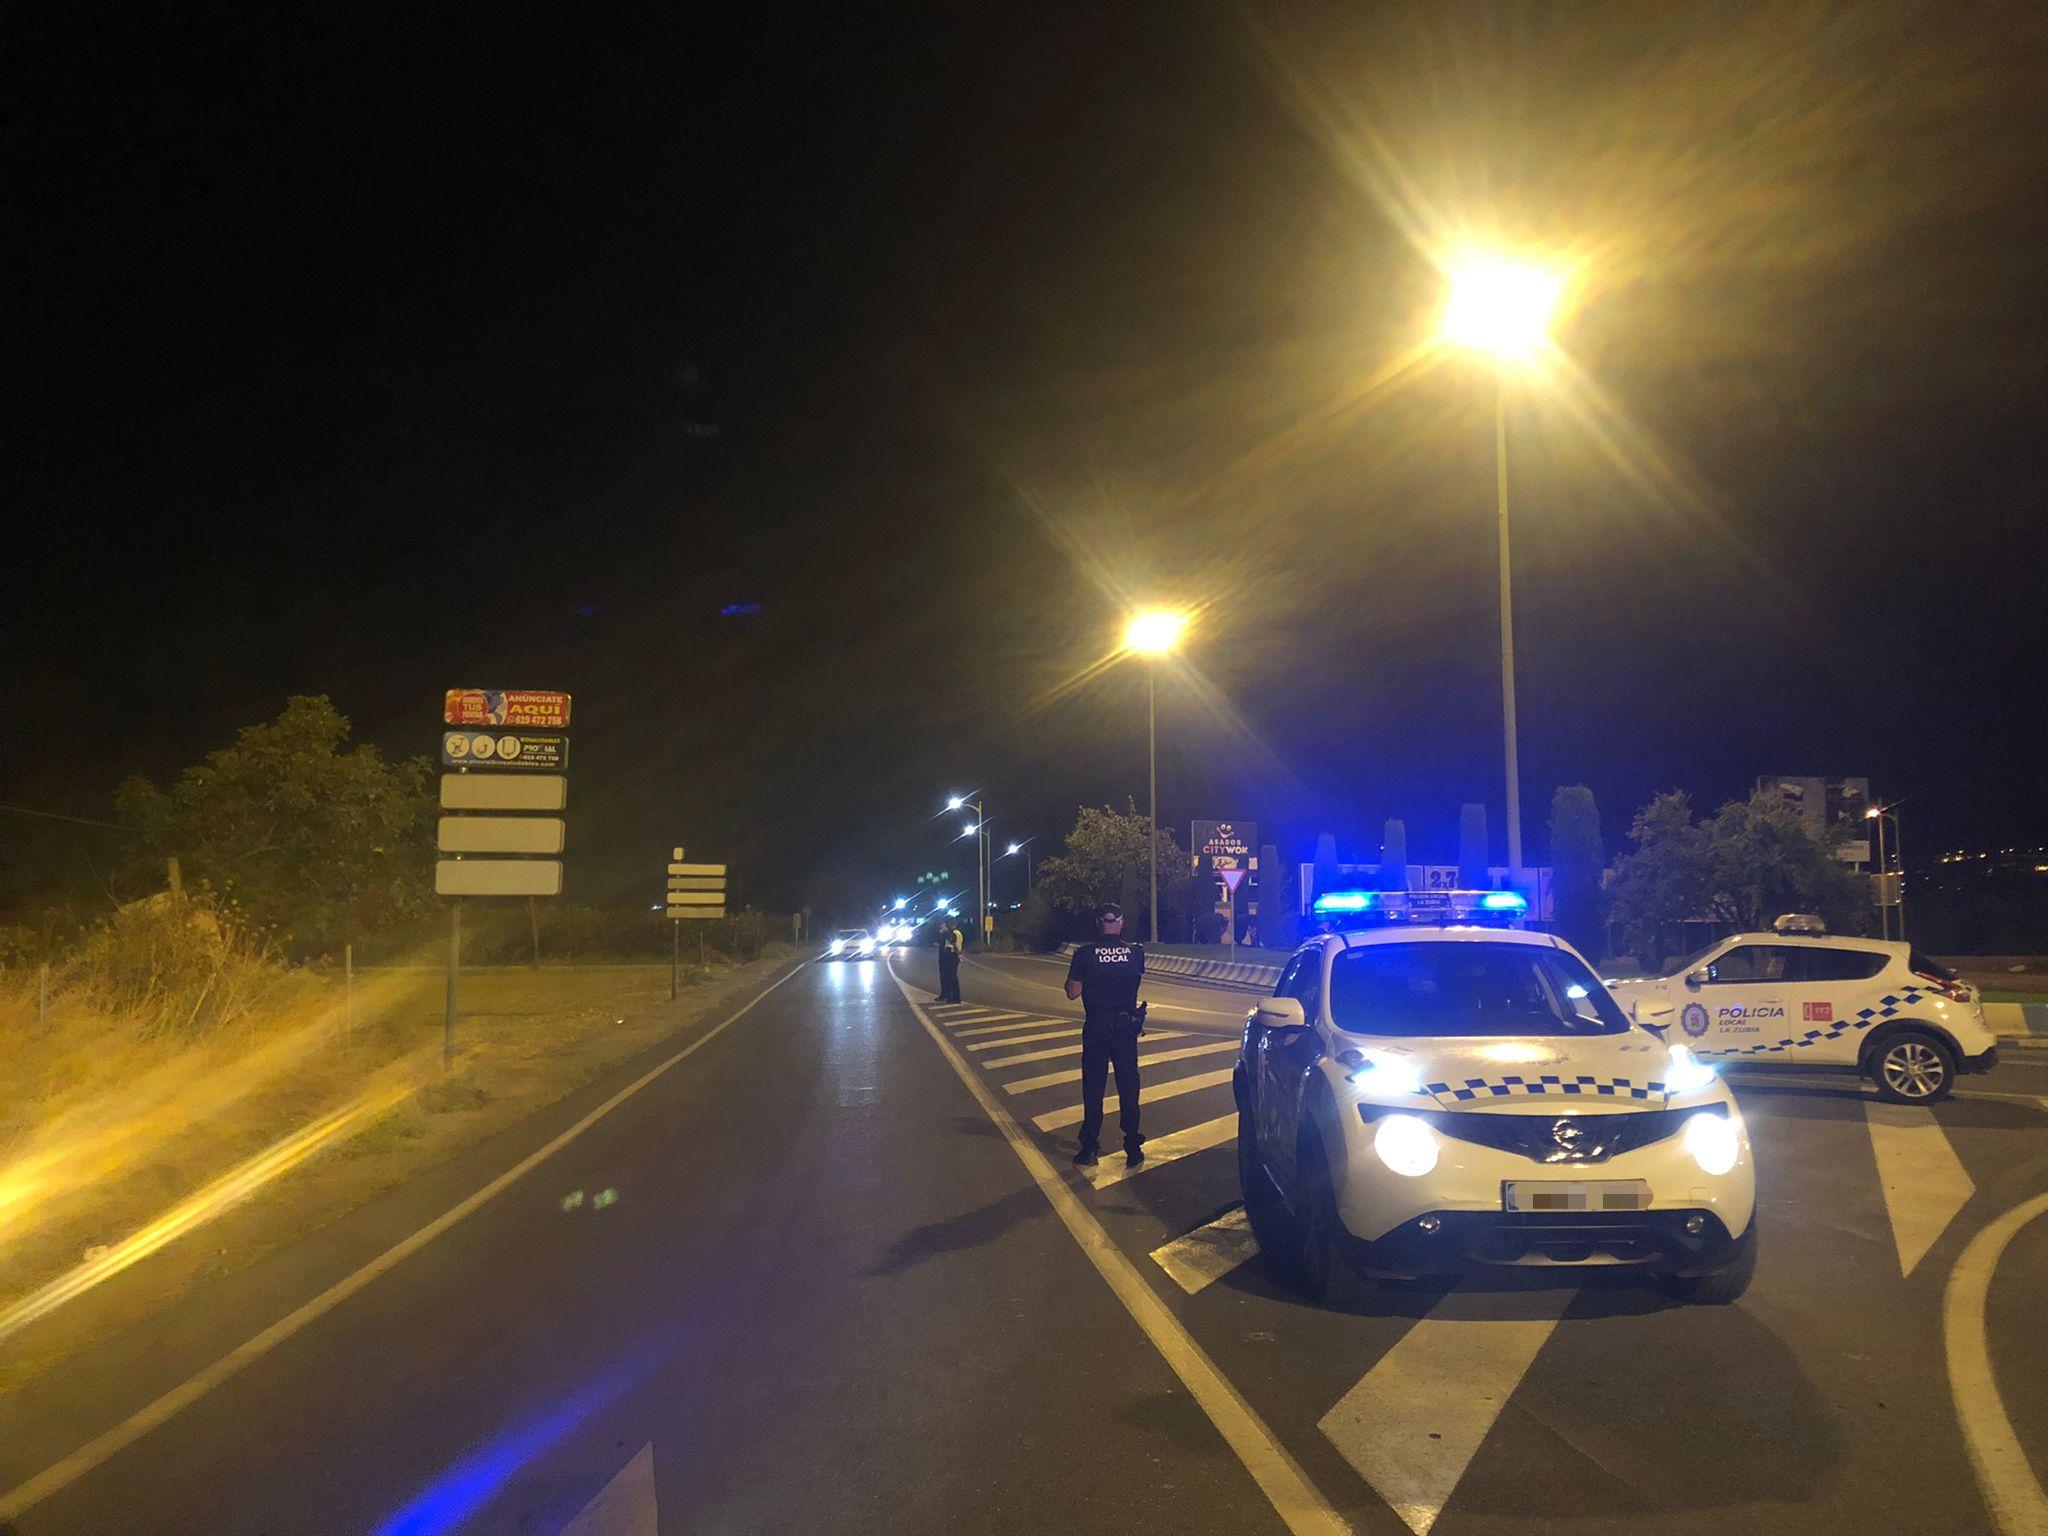 La Policía Local de La Zubia interpone 37 denuncias por botellones y a conductores de motocicletas